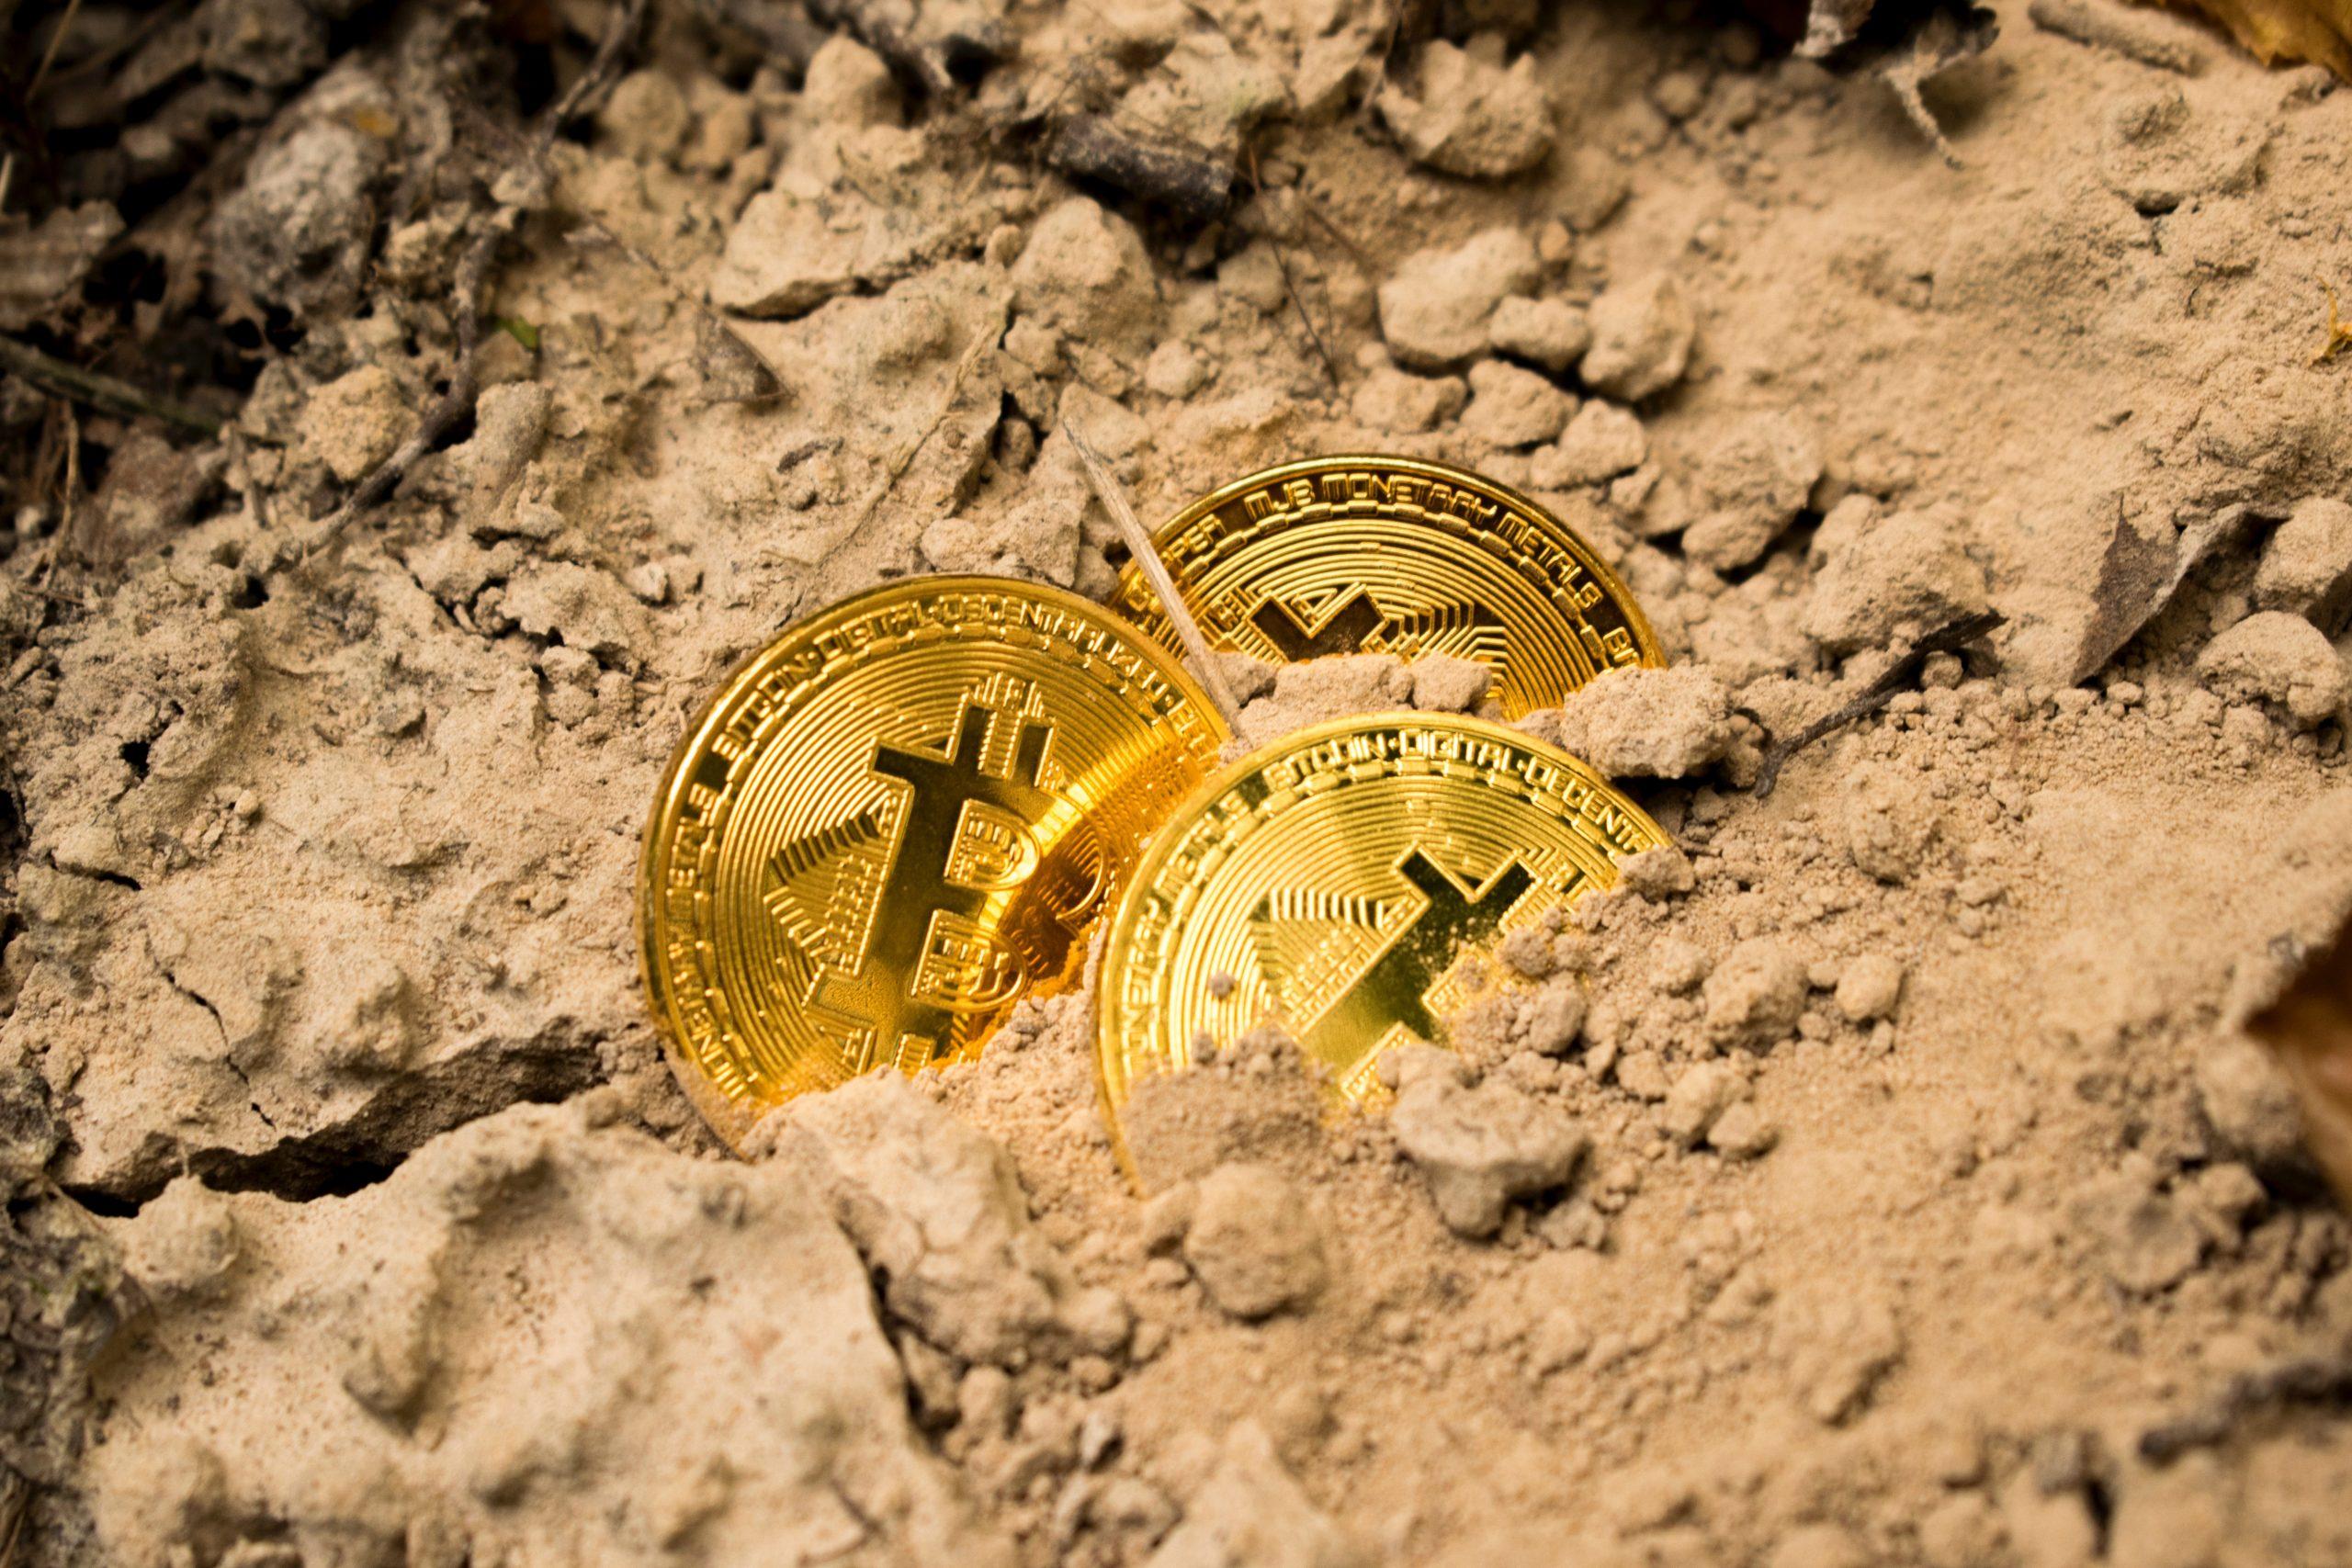 Lógica do bitcoin vai na contramão da sustentabilidade